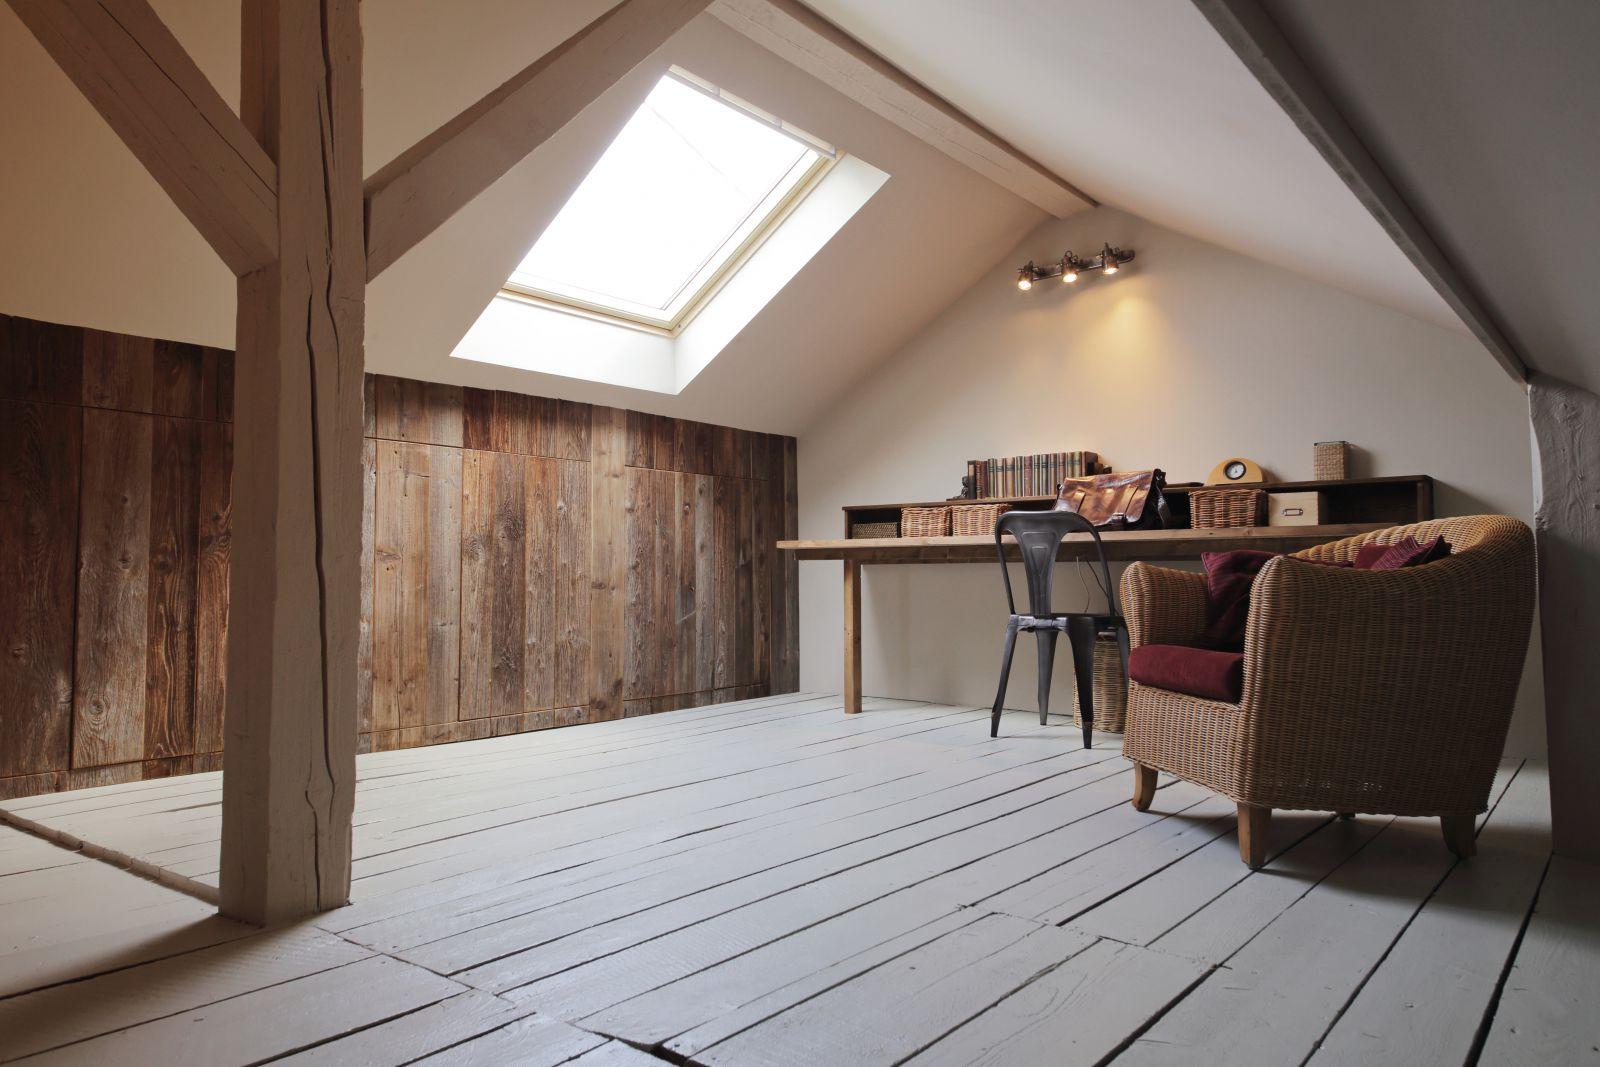 agencer son int rieur lorsque l 39 on dispose de combles guide artisan. Black Bedroom Furniture Sets. Home Design Ideas